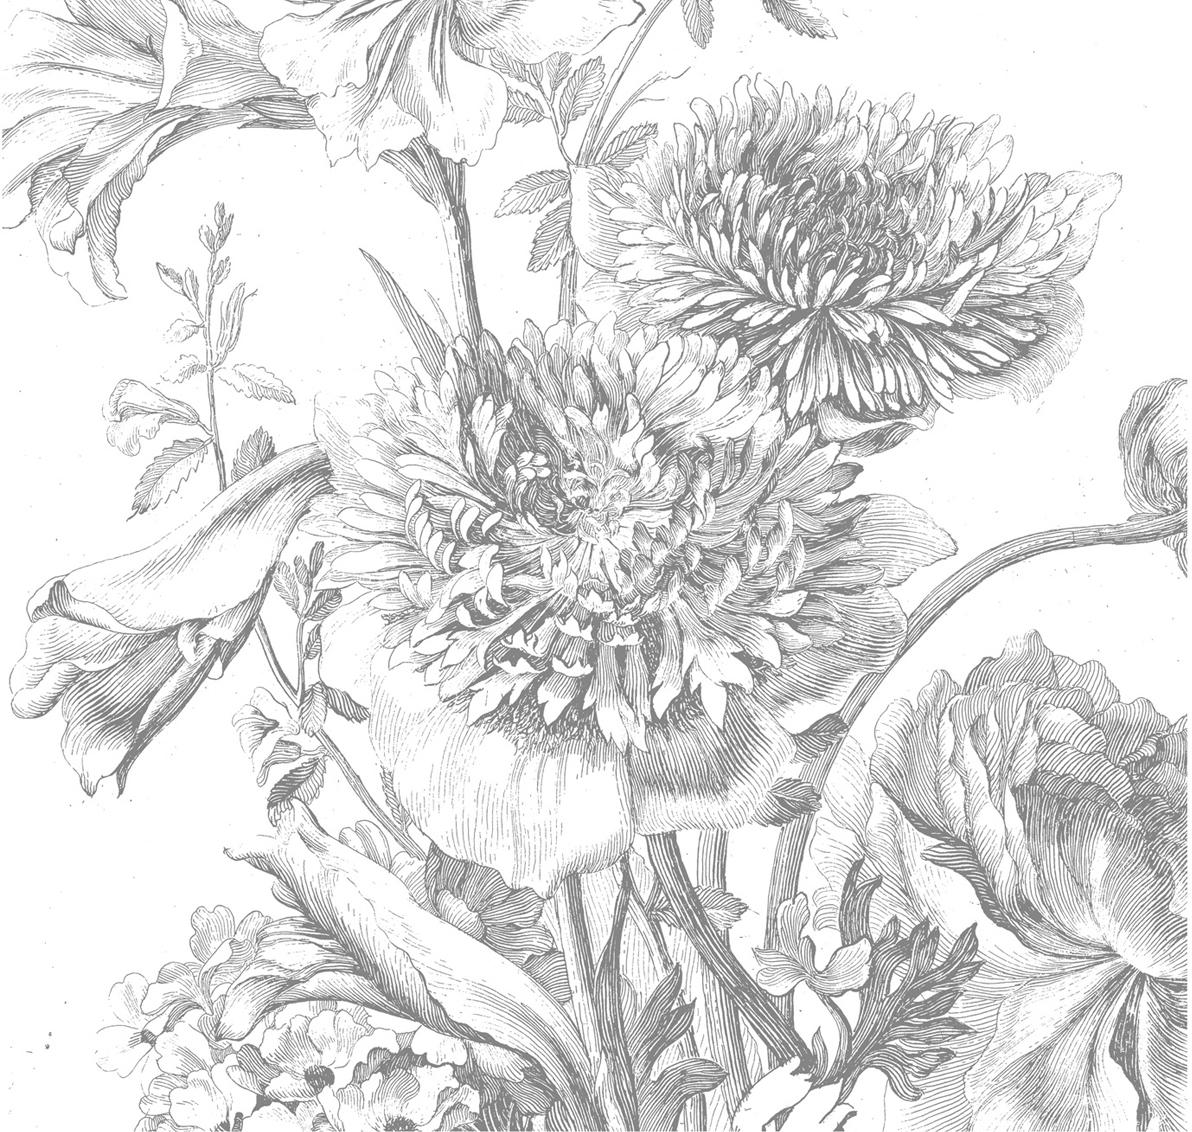 Fototapeta Engraved Flowers, Włóknina, przyjazna dla środowiska, biodegradowalna, Szary, biały, S 292 x W 280 cm